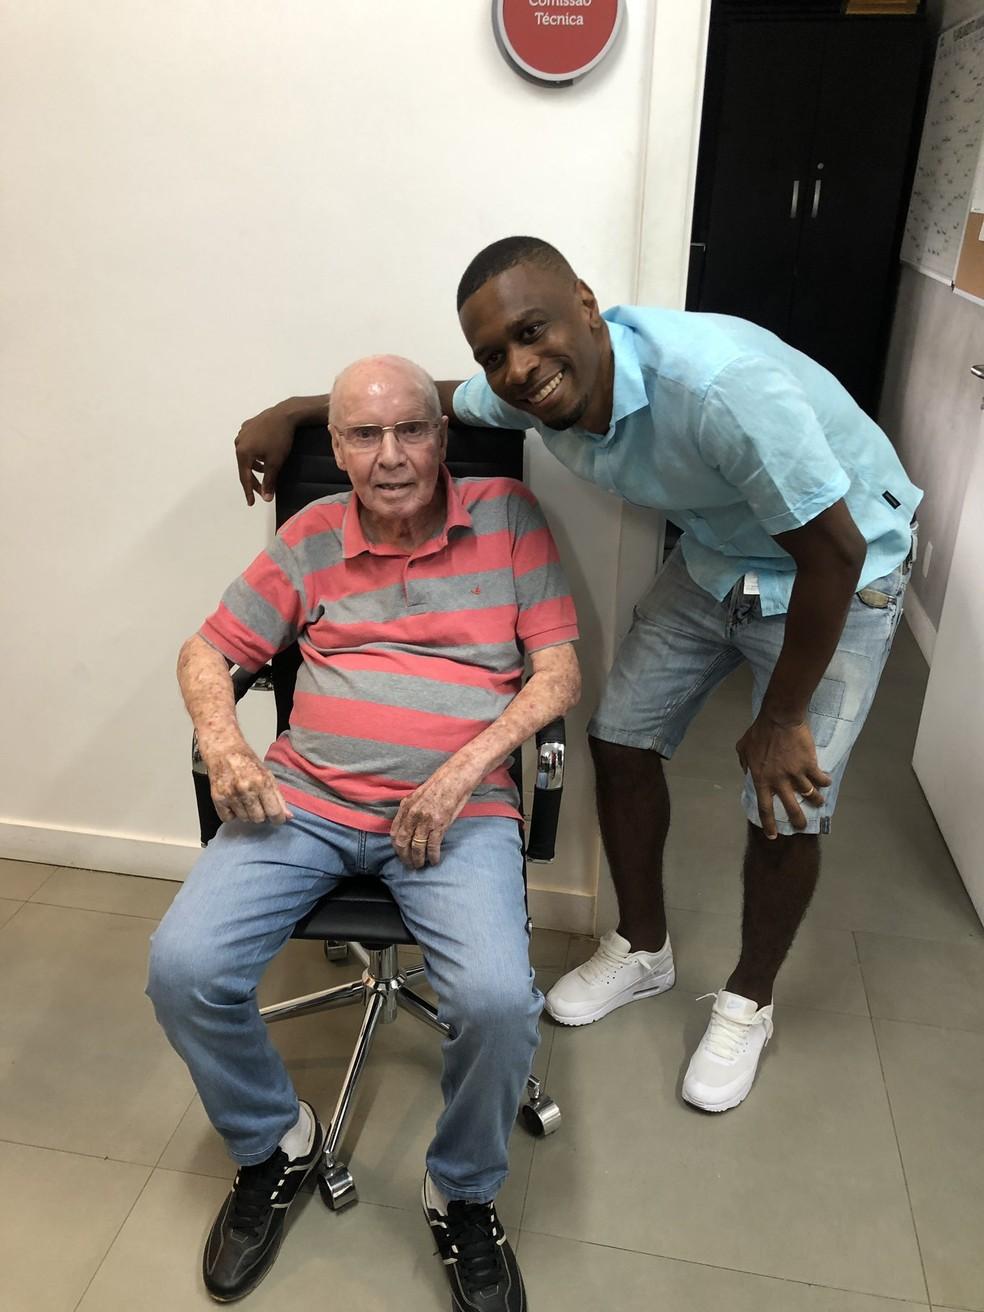 Zagallo posa para foto com Juan, que foi seu jogador na seleção brasileira e no Flamengo — Foto: Divulgação Flamengo